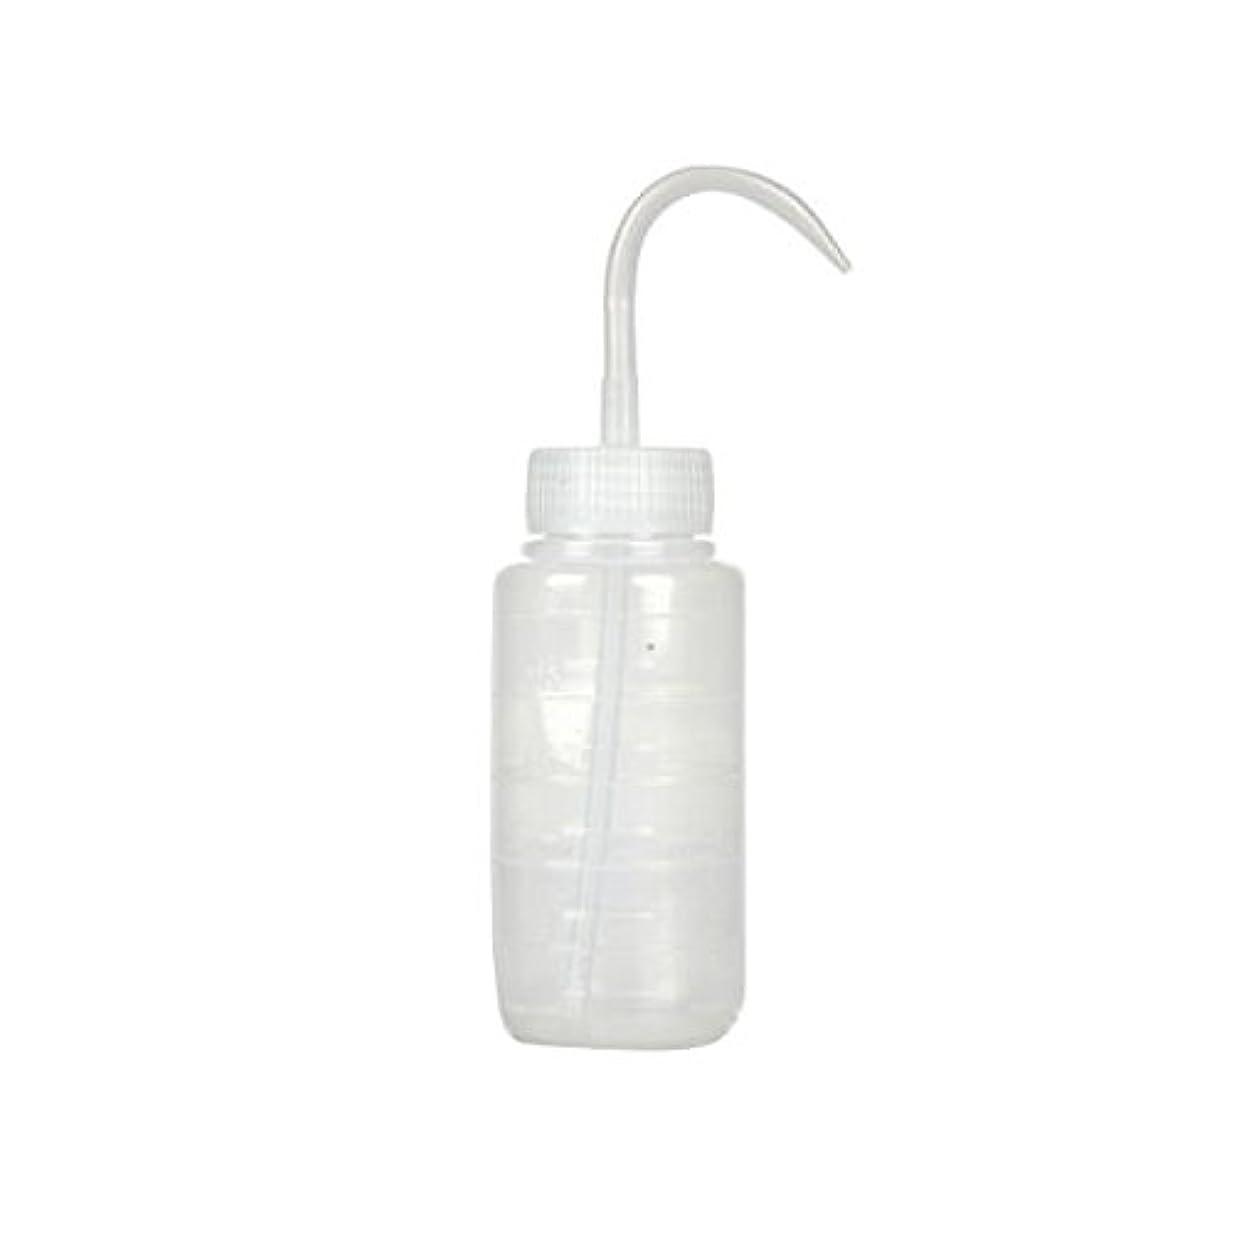 剃るグラム舌鶴首スポイトS 吸引容器 100ml 業務用